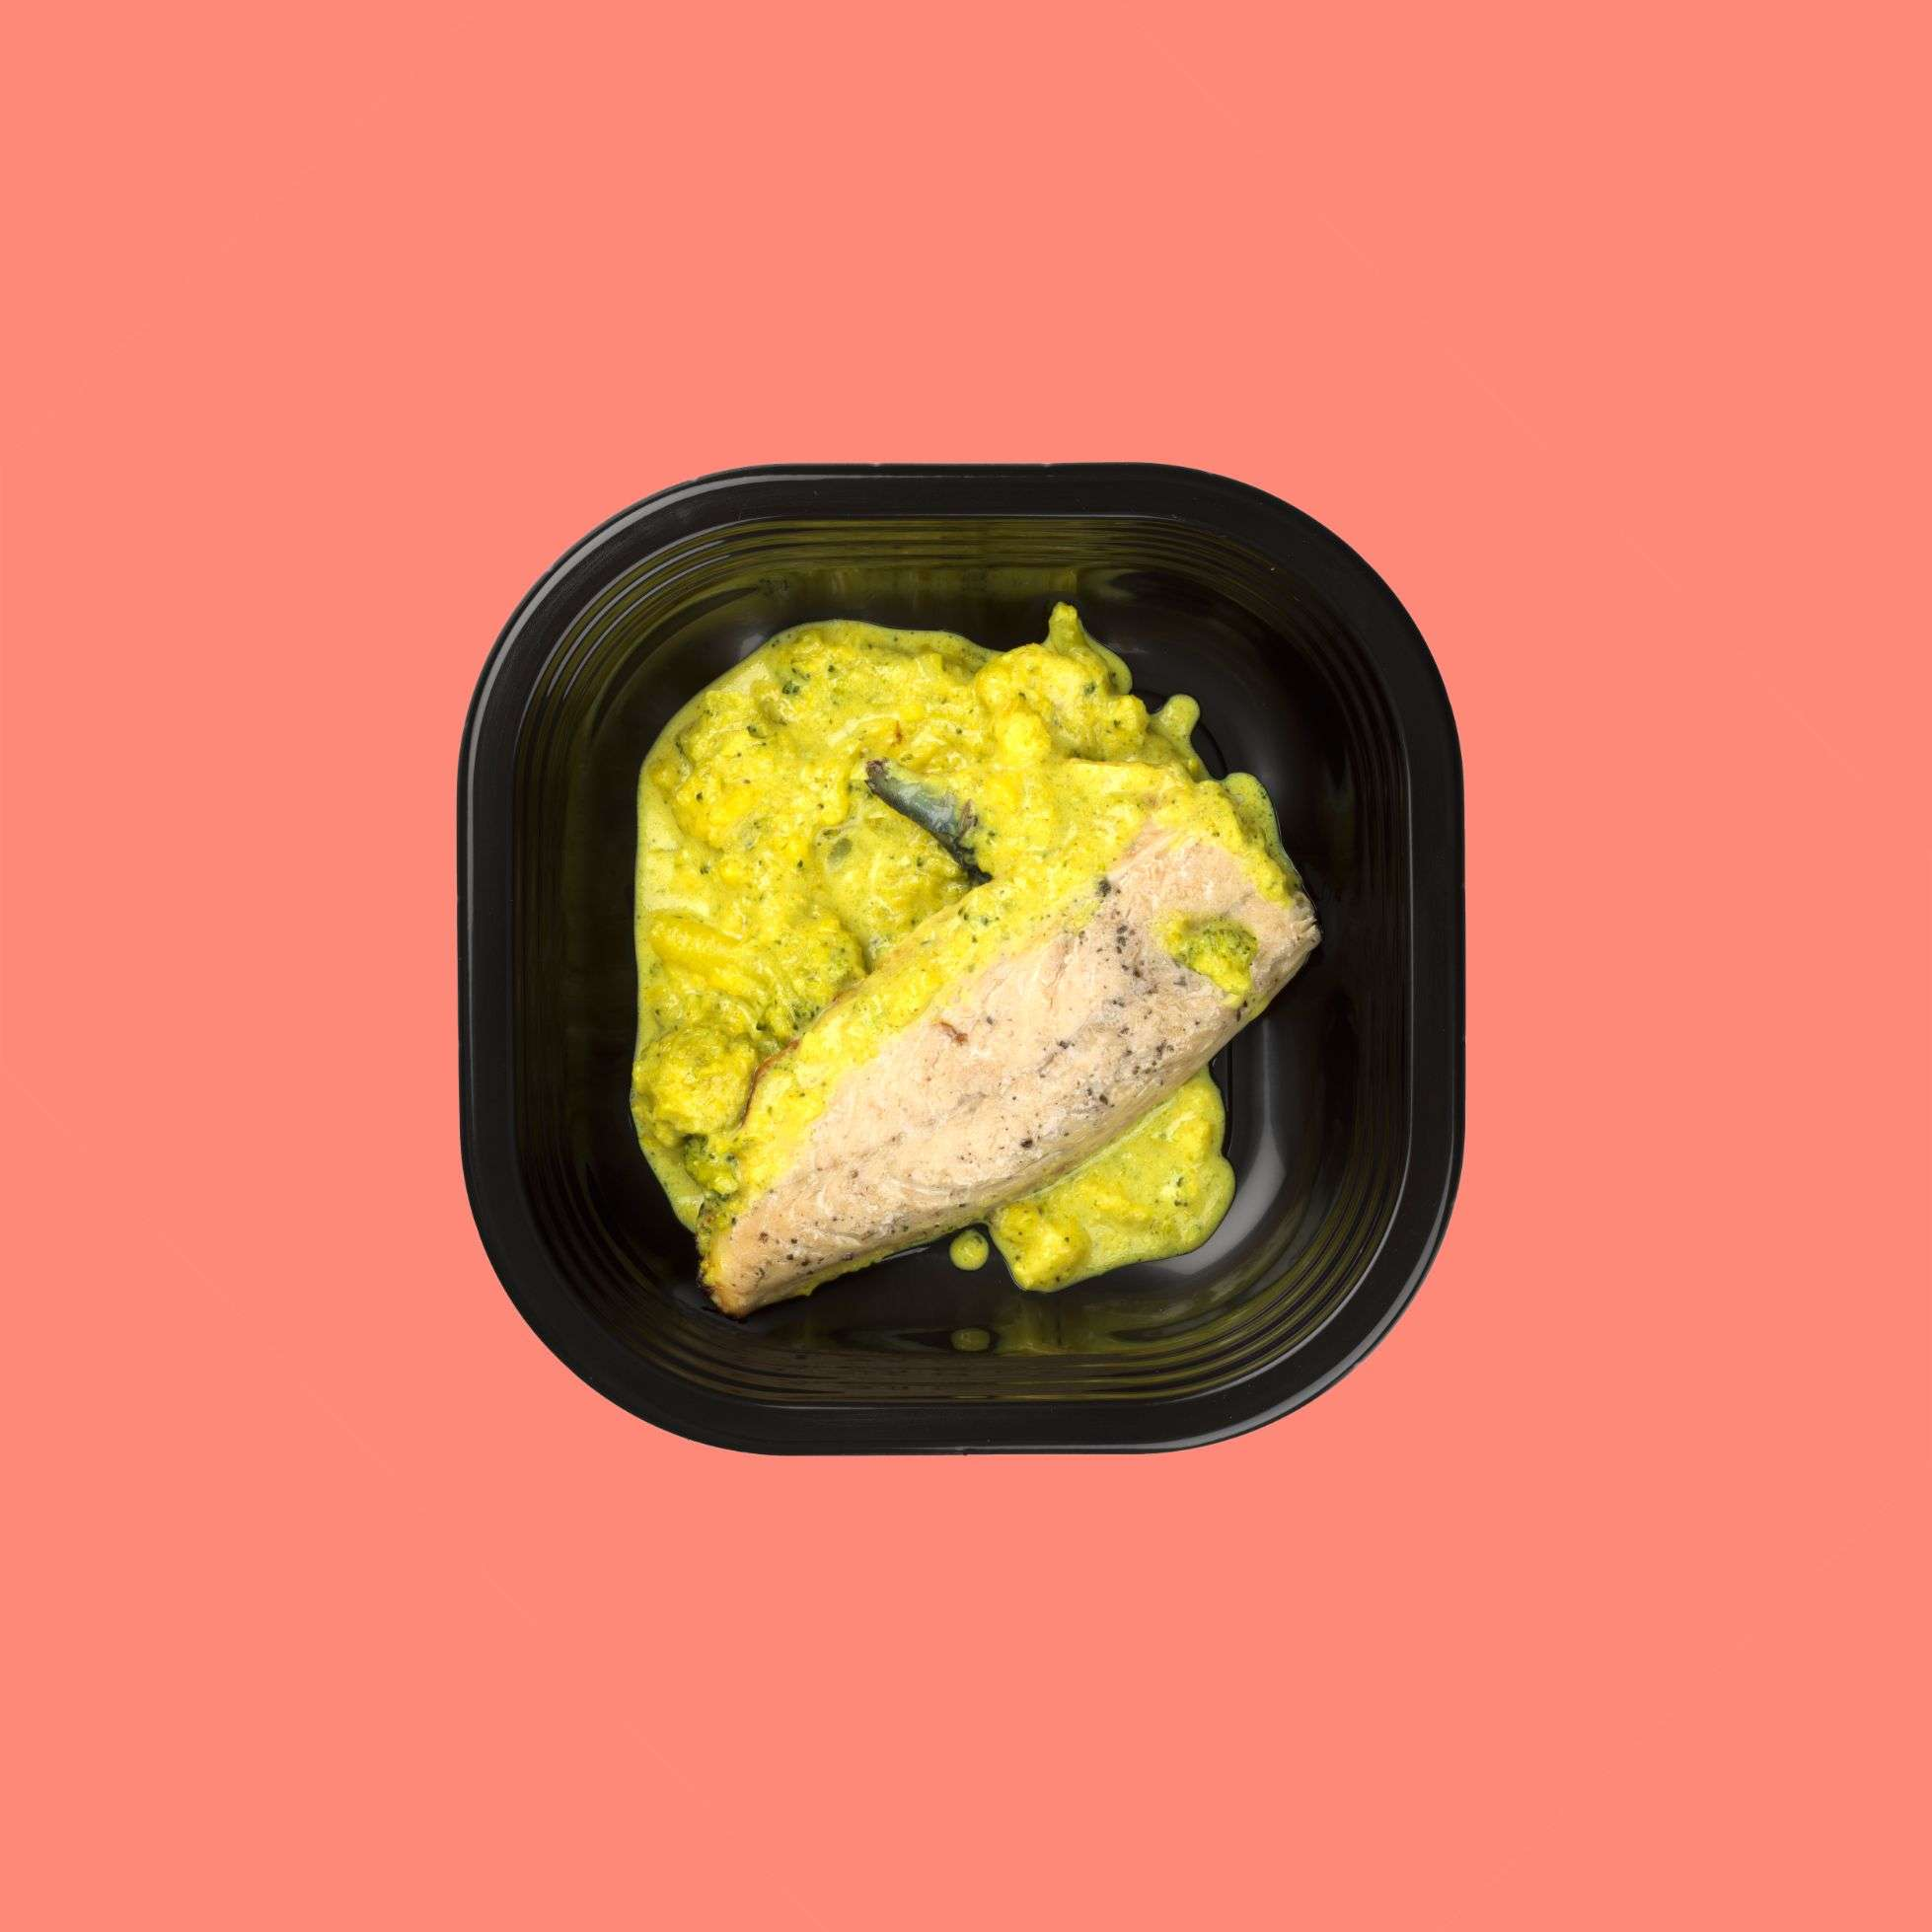 bieta ripassata al pomodoro piatti pronti a domicilio senza glutine